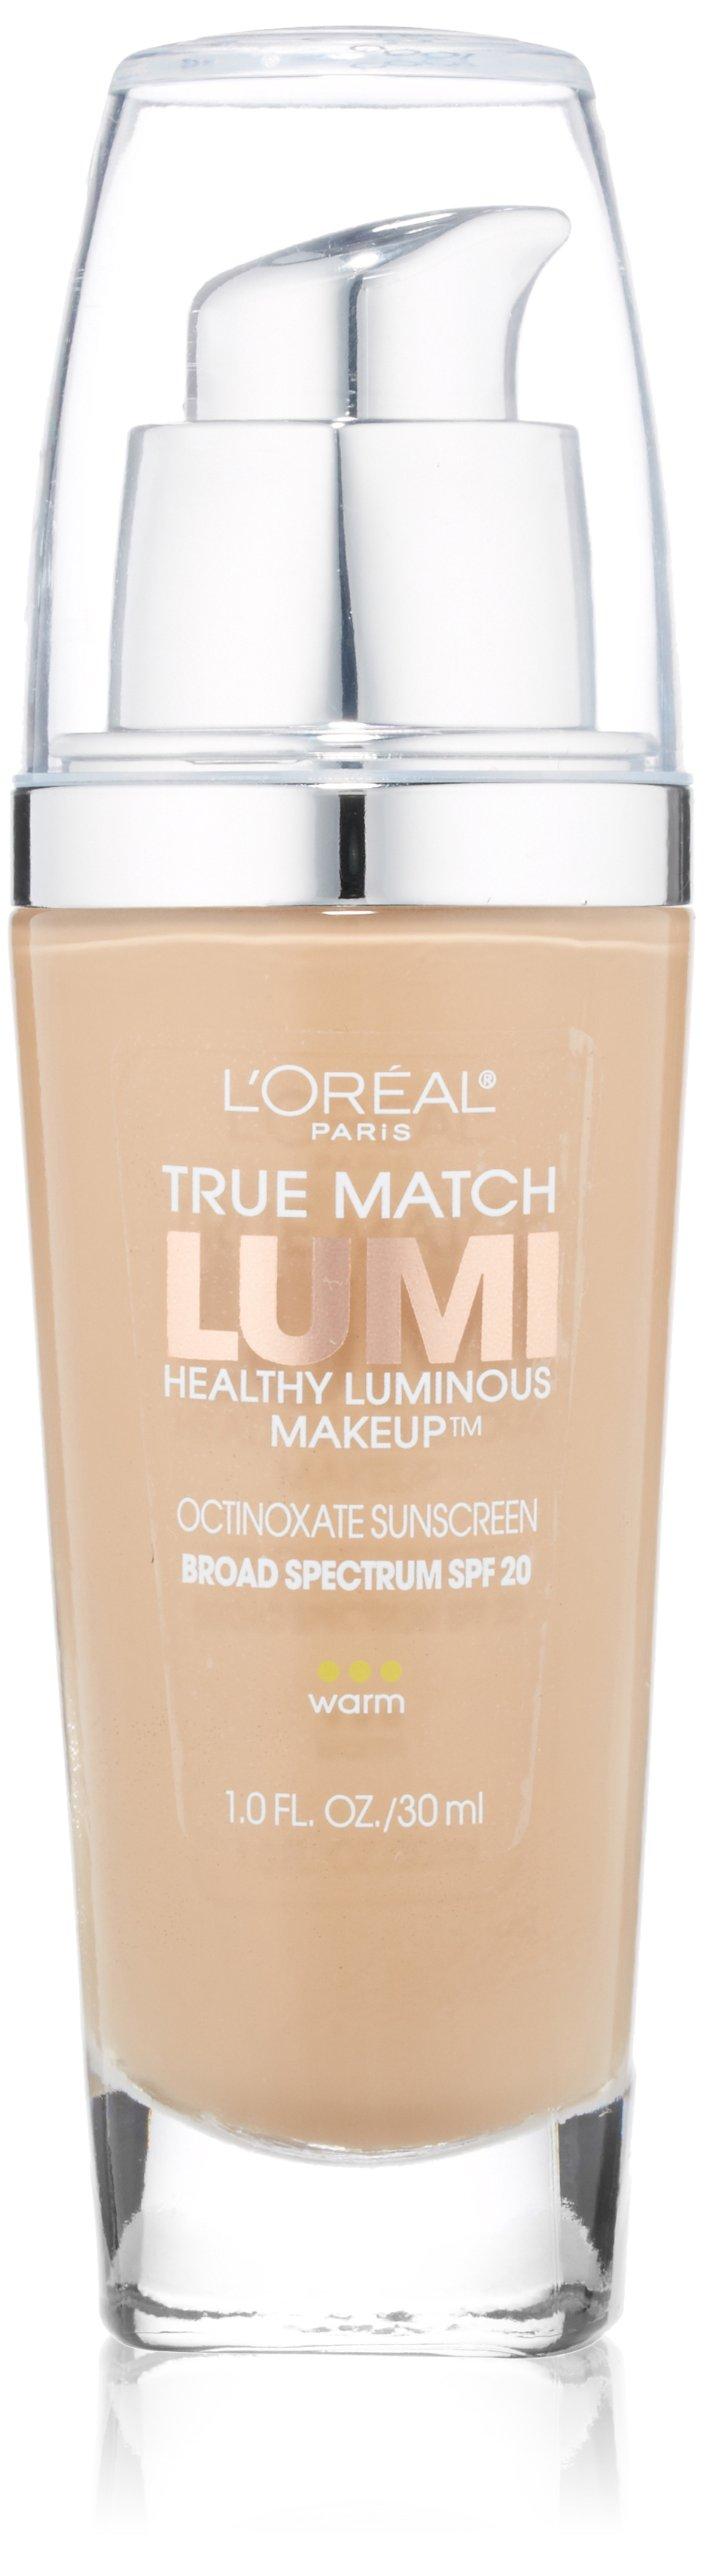 L'Oreal Paris True Match Lumi Healthy Luminous Makeup, W4 Natural Beige, 1 fl; oz.